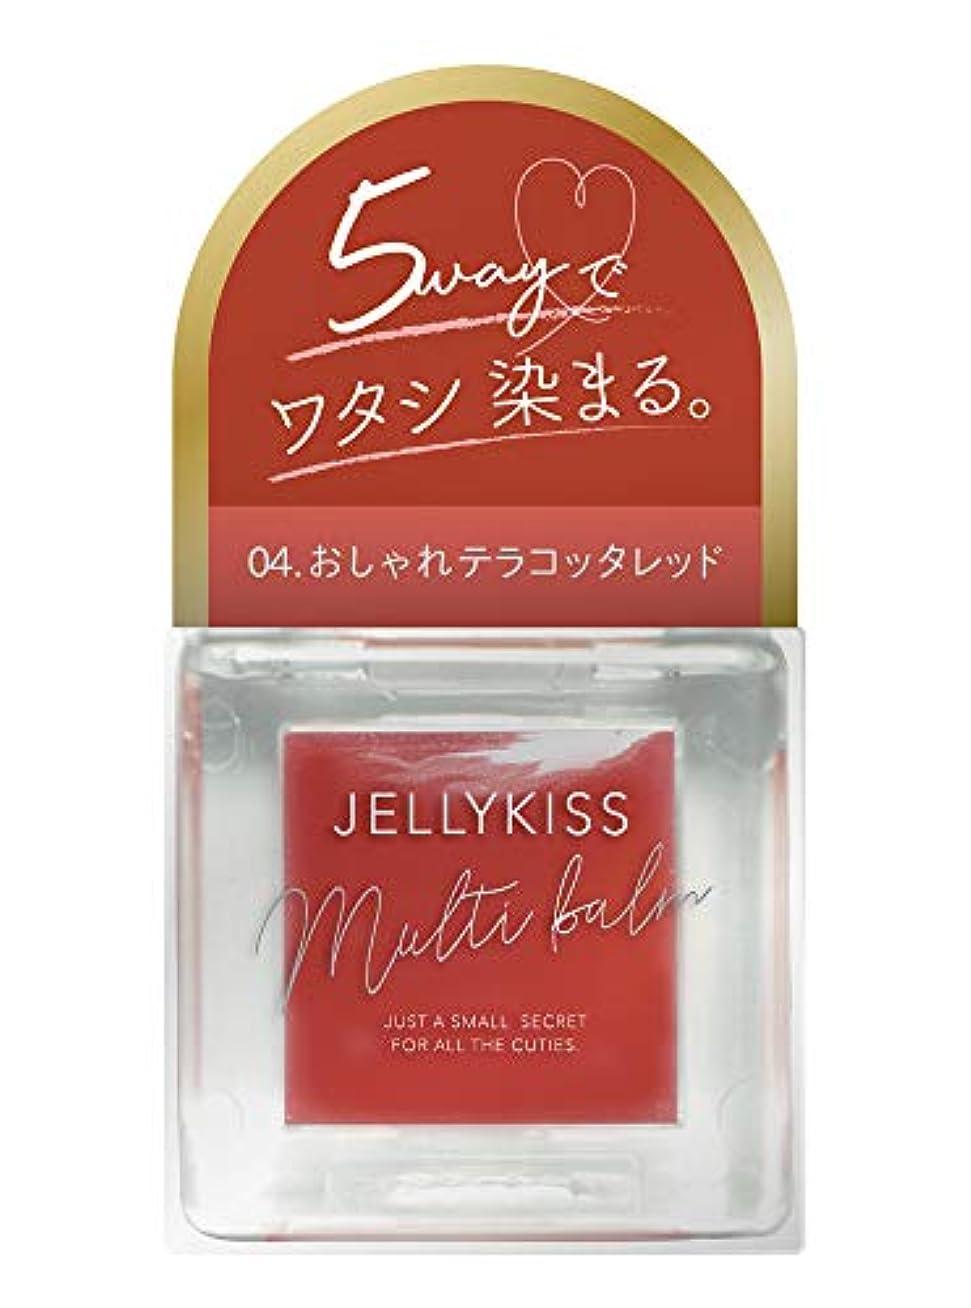 ビーム大きいお肉Jelly kiss(ジュリキス) ジェリキス マルチバーム 04 テラコッタレッド 口紅 7g